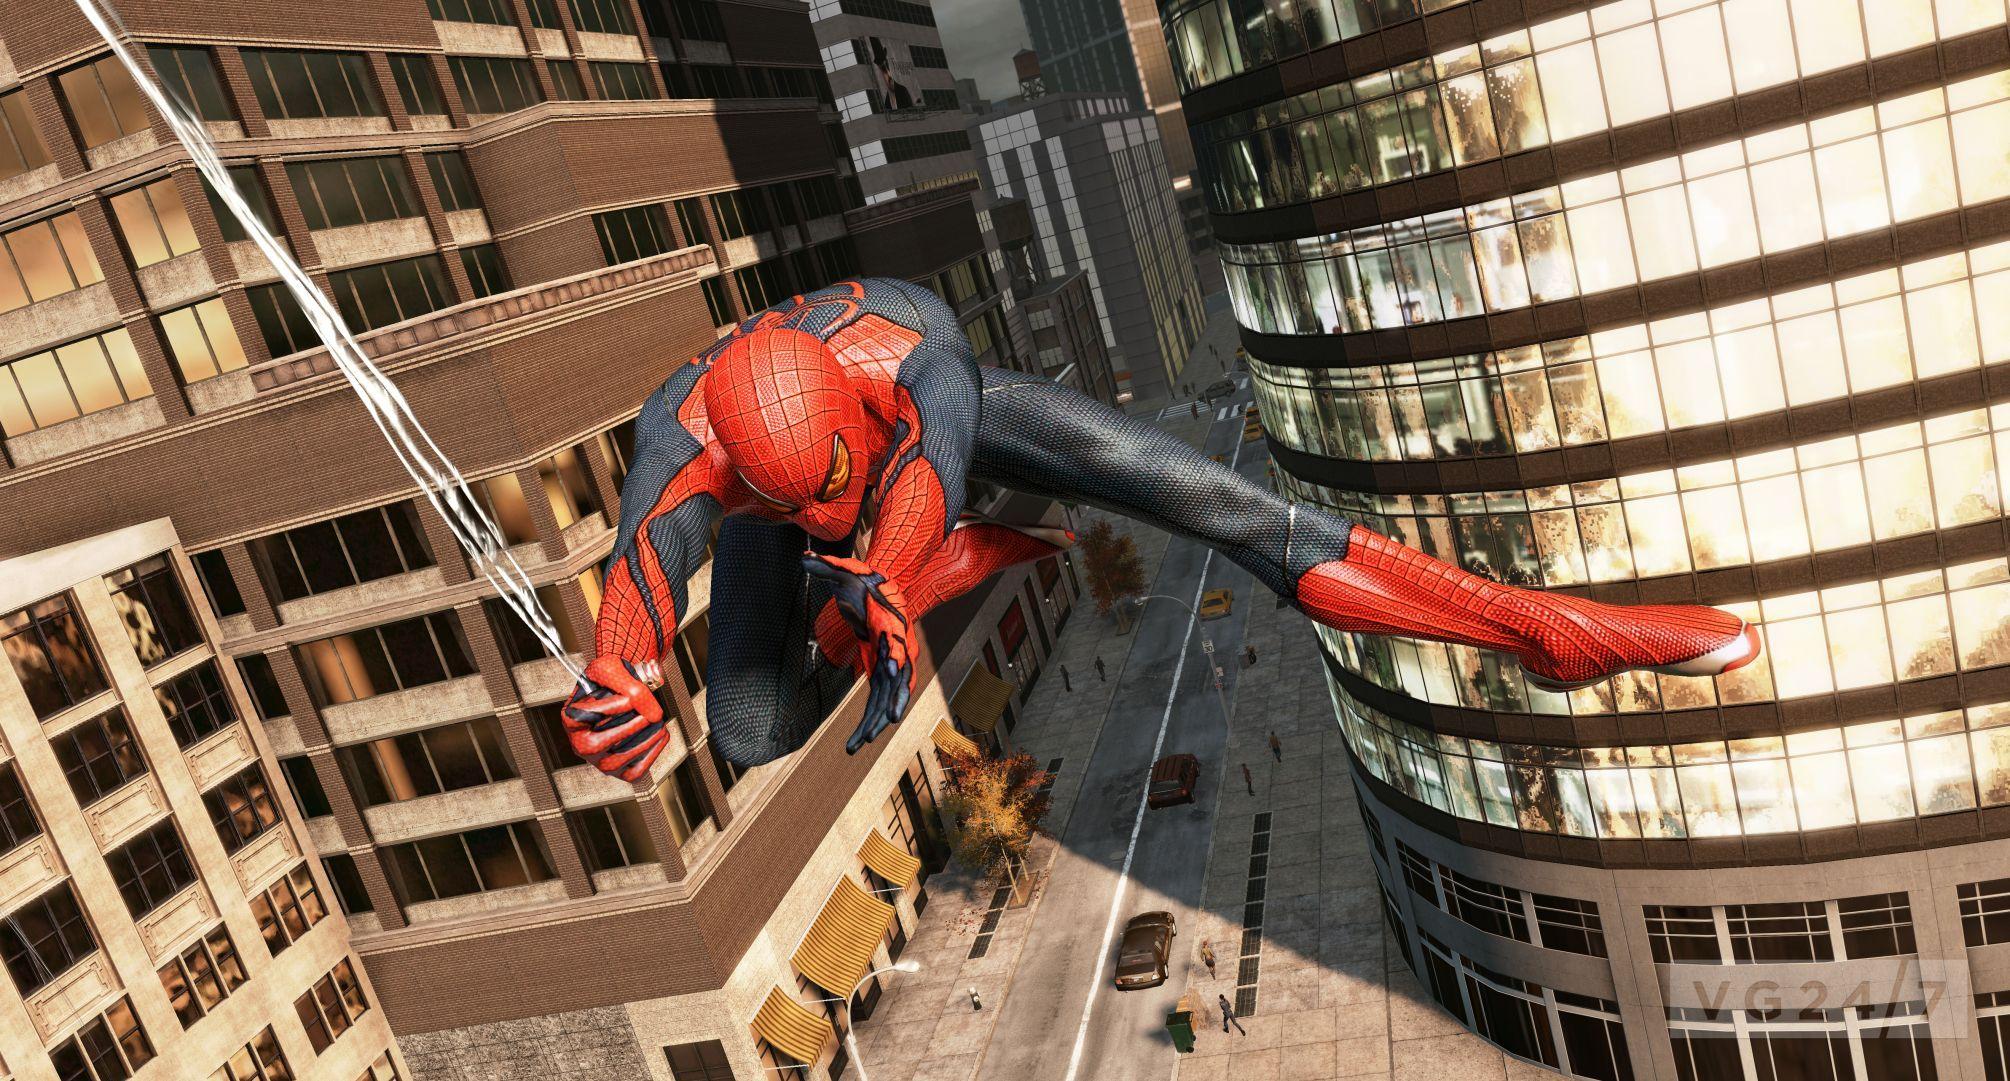 蜘蛛虐待片_E3 2012:《神奇蜘蛛侠》新图 蜘蛛侠狂虐大怪兽_www.3dmgame.com